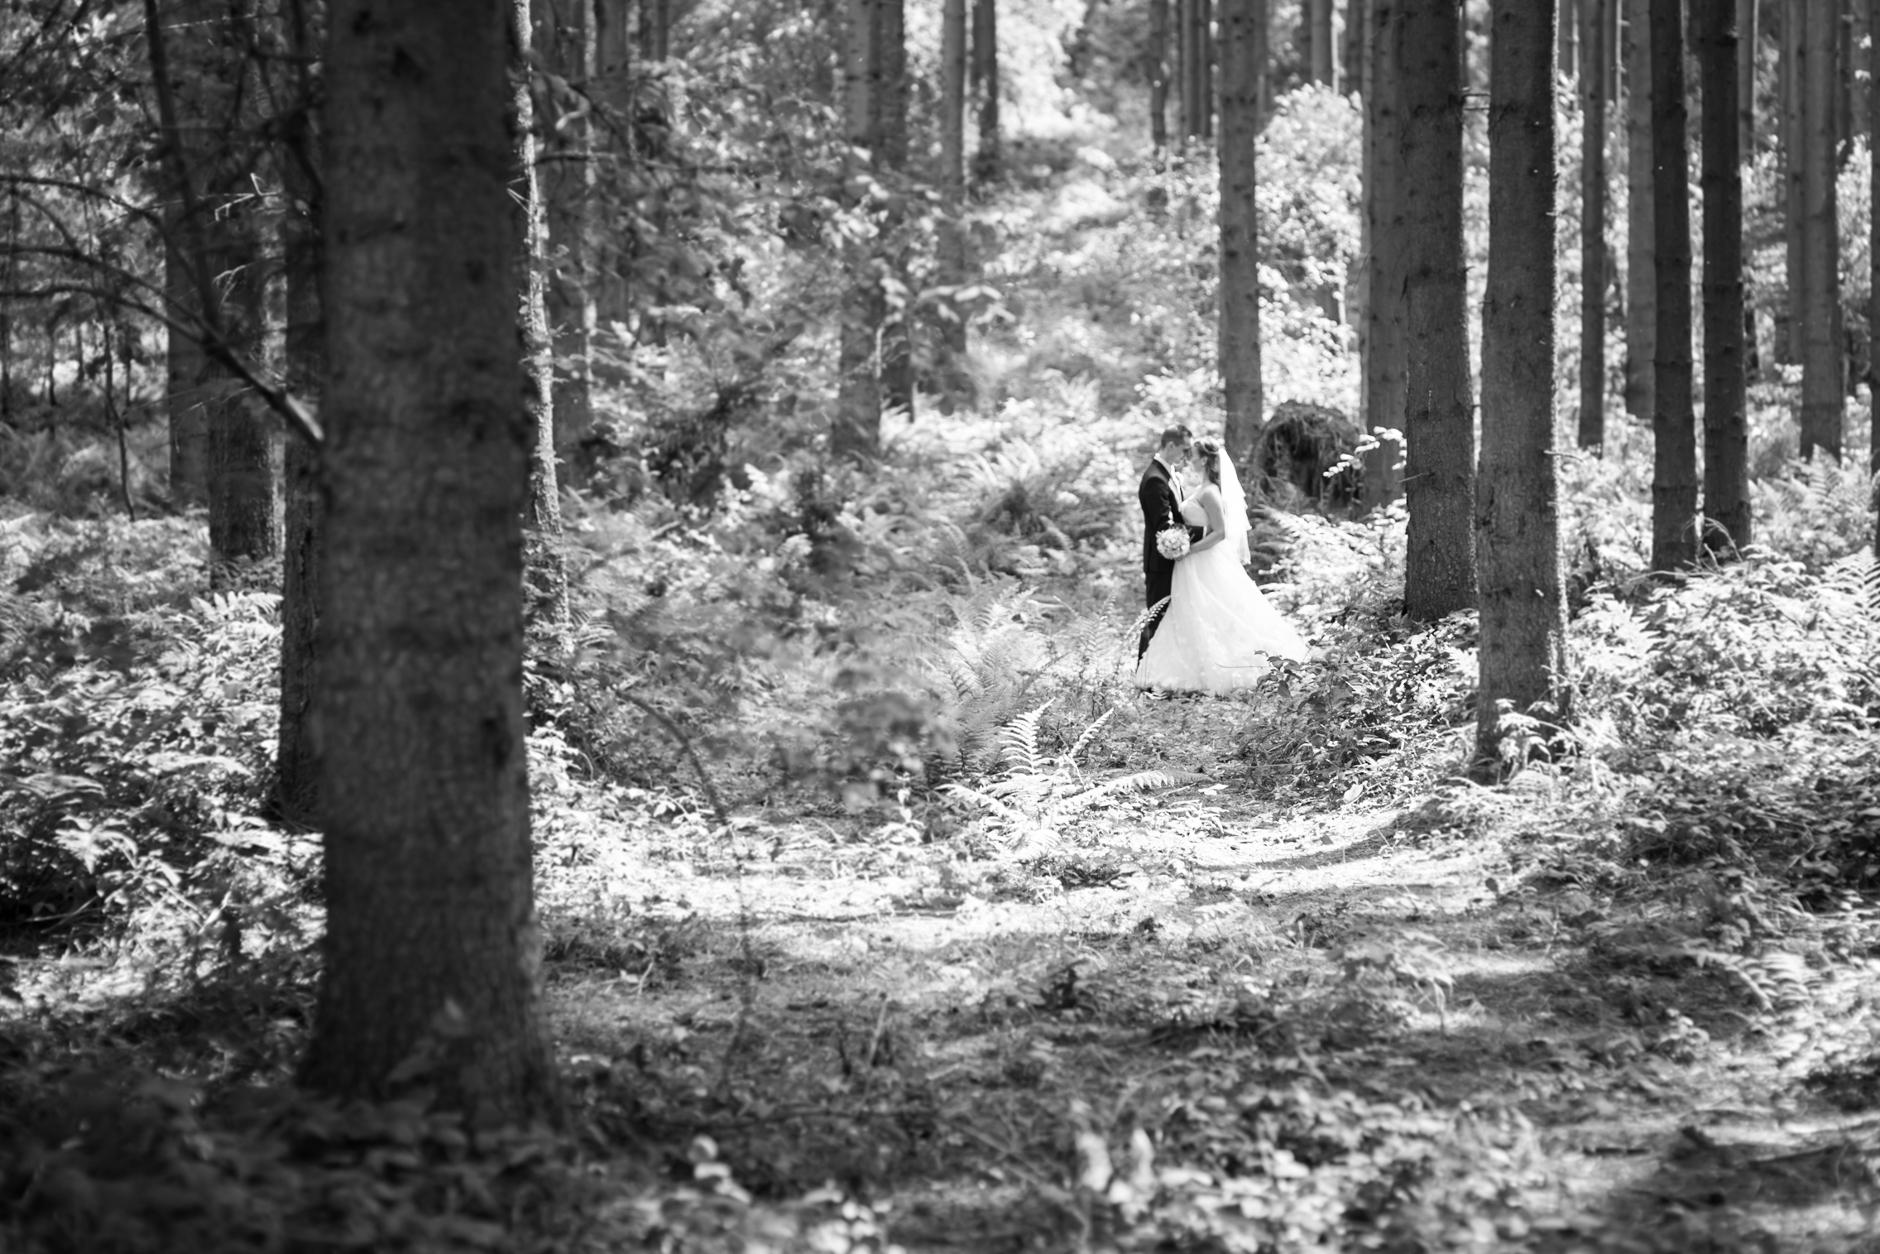 Für das Brautpaar-Shooting sind wir hier auf dem Weg zur Hochzeitslocation kurz auf der Landstraße angehalten und ...